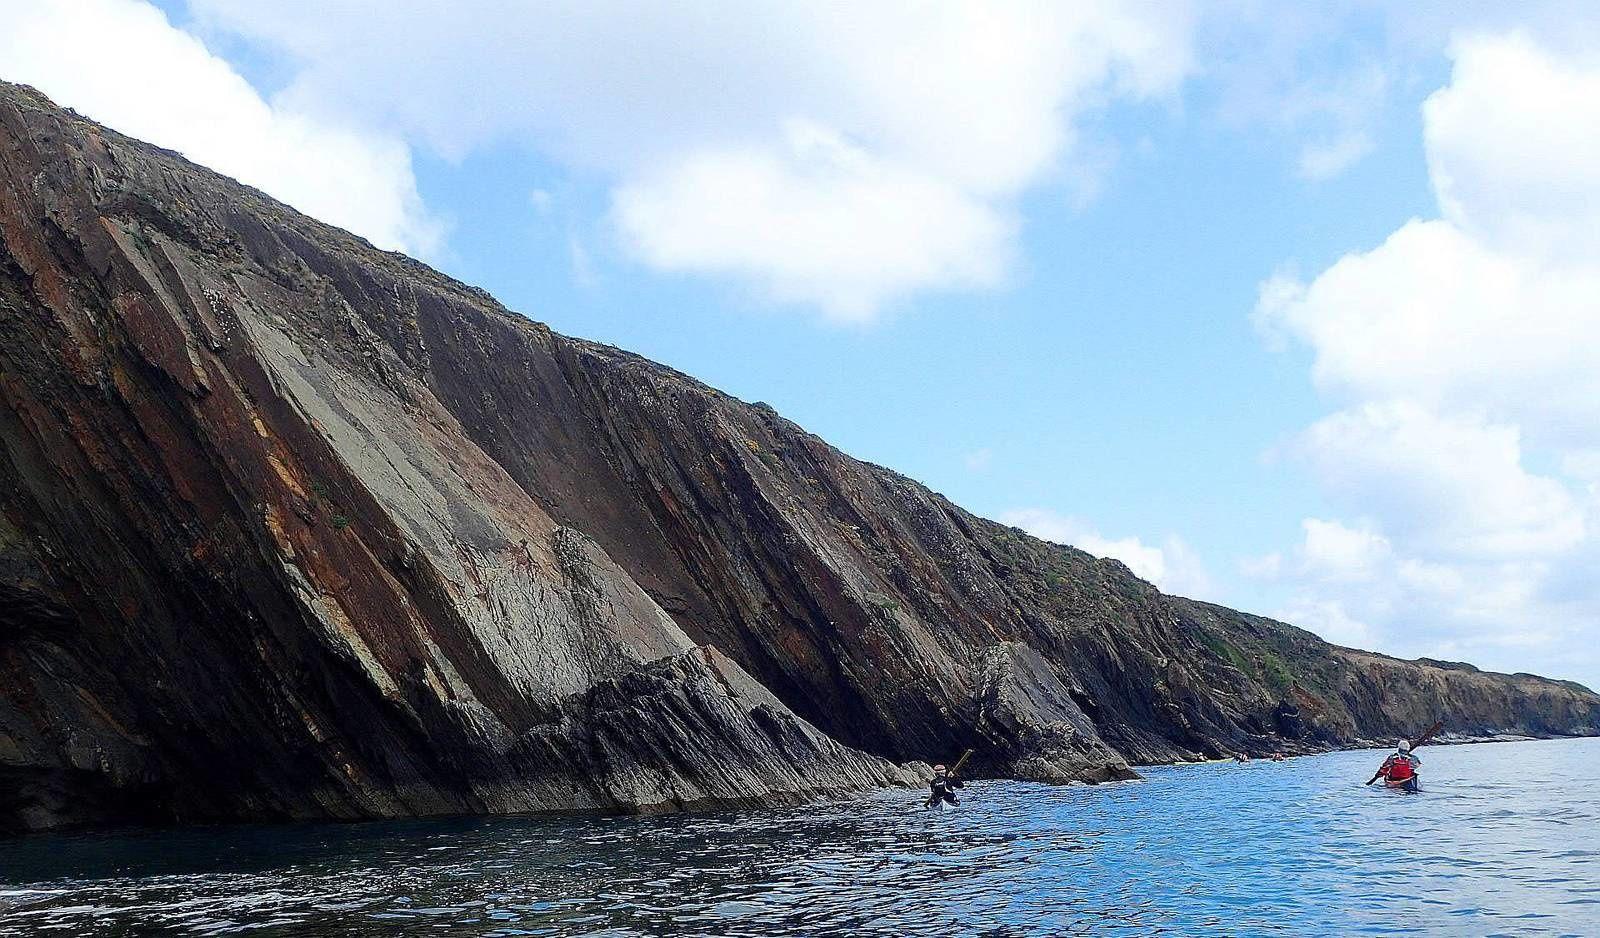 La presqu'île de Crozon : de Morgat à Goulien (1/2)